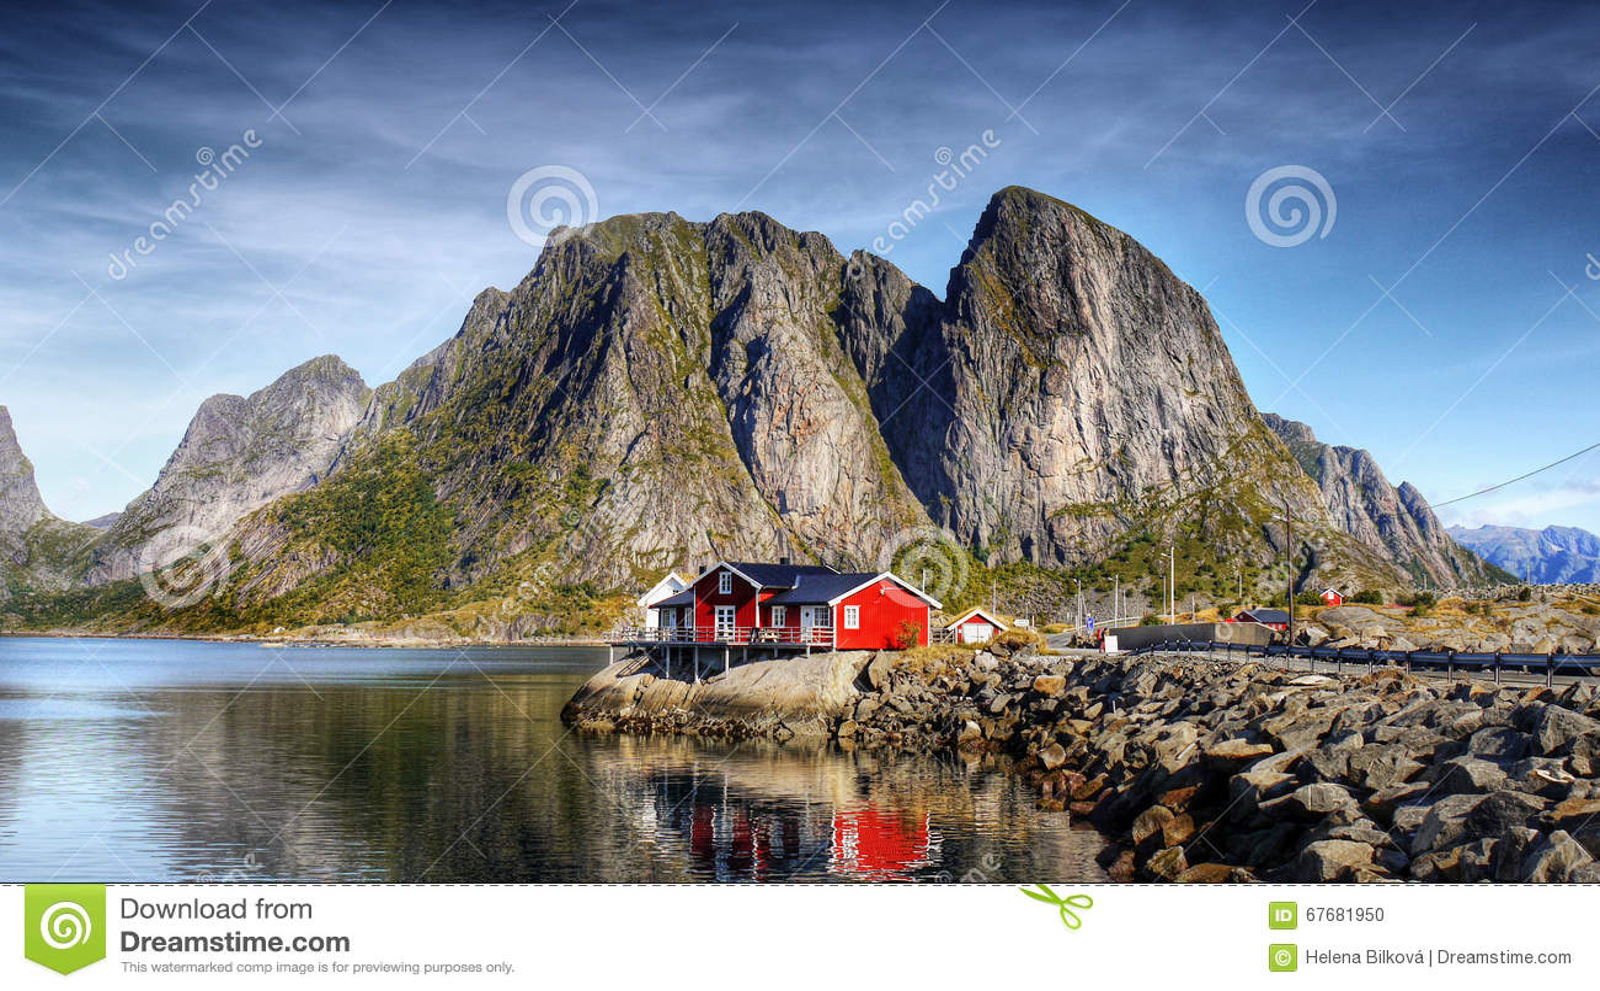 Lofoten Panorama View Village Reine Norway